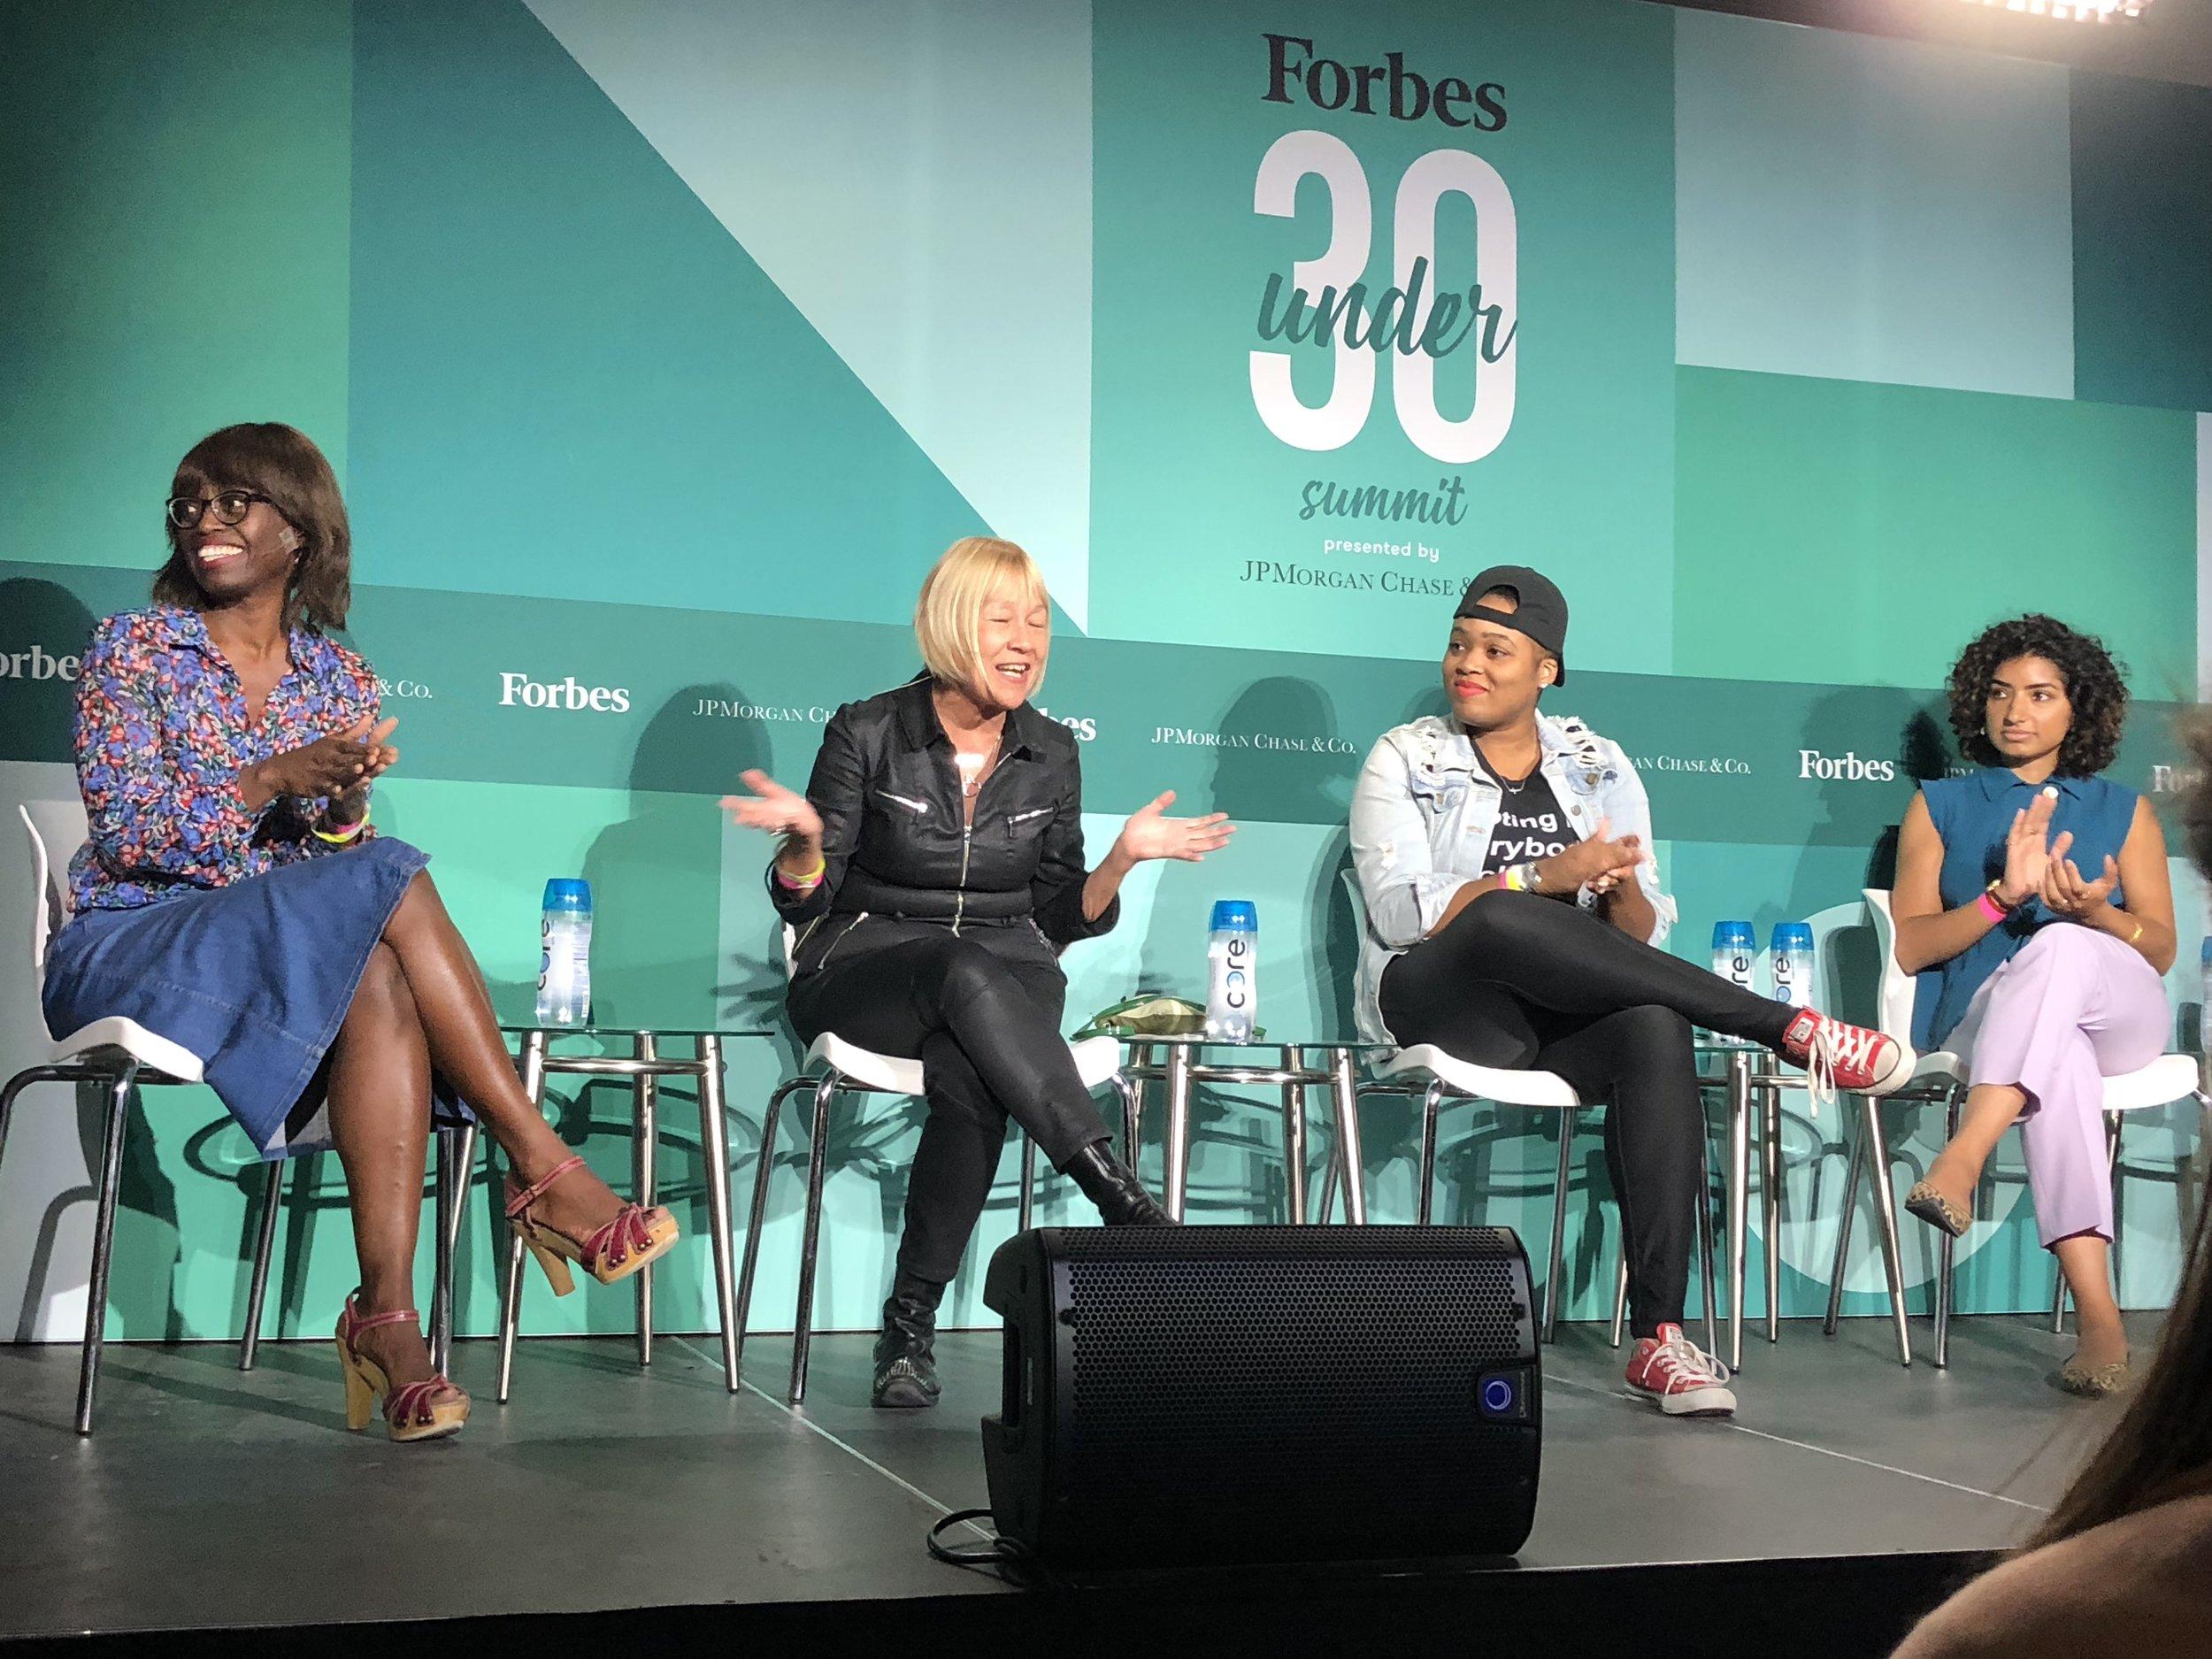 Dee Poku, Cindy Gallop, Rica Elysee, Anarghya Vardhana